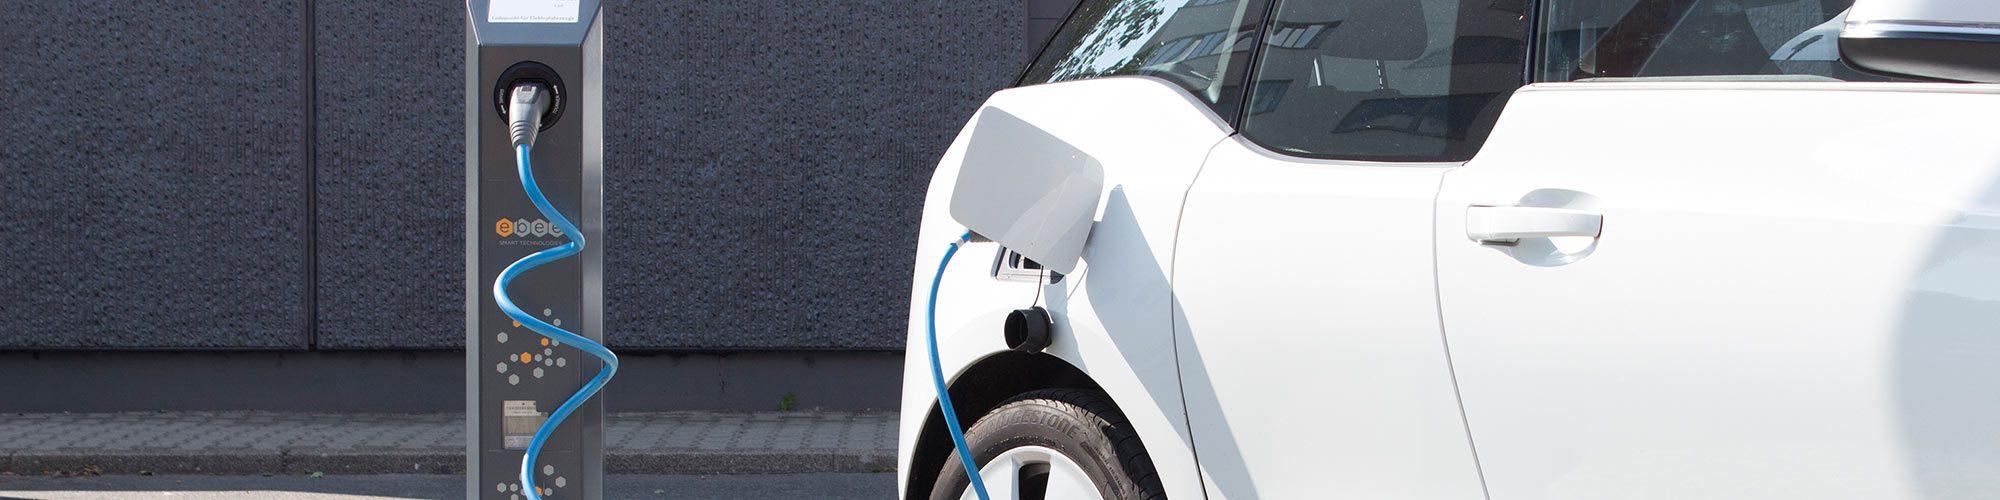 Utiliser sans danger la technique de recharge pour les véhicules électriques